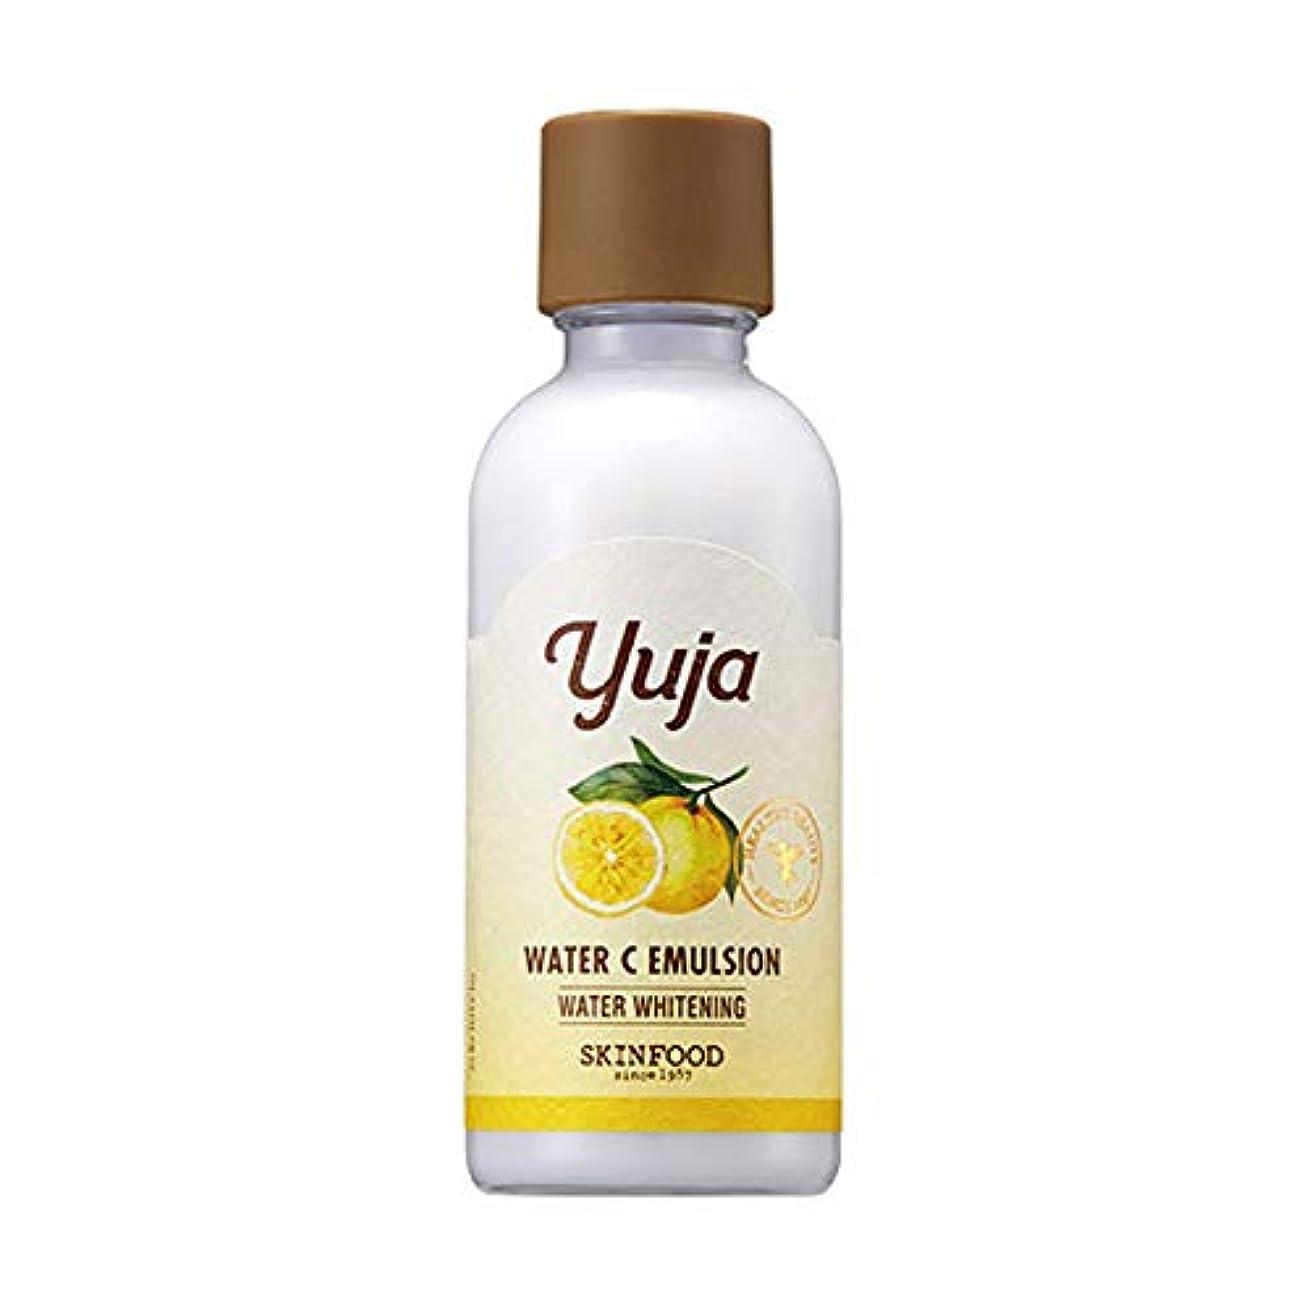 検出器地区既婚Skinfood Yuja Water Cエマルジョン/Yuja Water C Emulsion 160ml [並行輸入品]